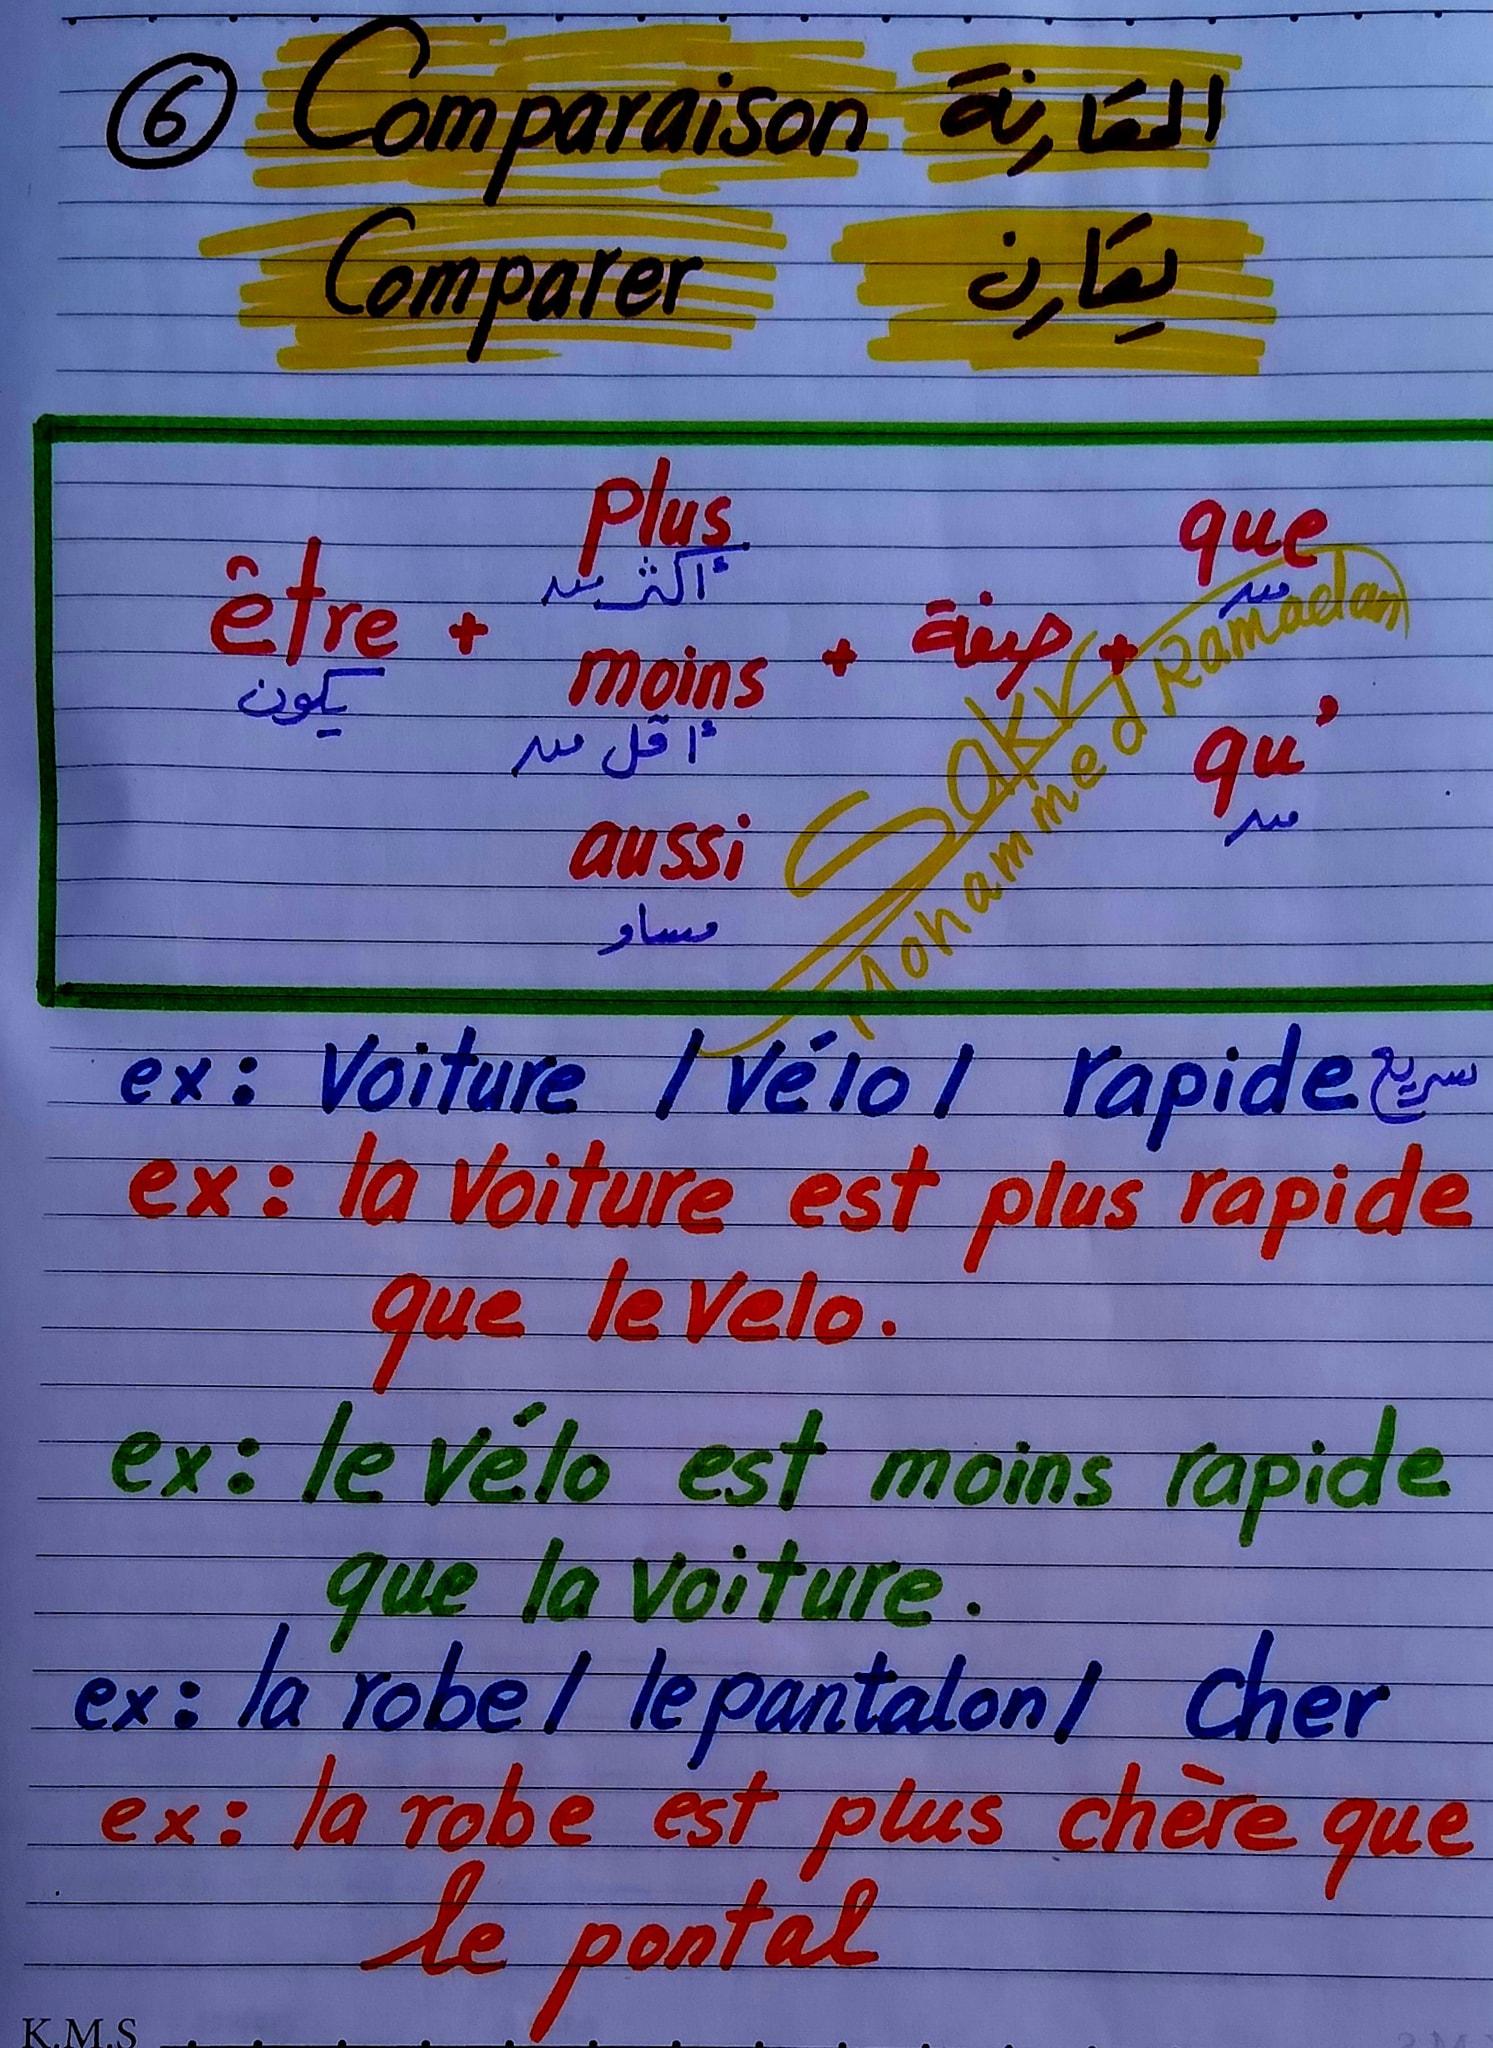 مراجعة لغة فرنسية للصف الثانى الثانوى ترم ثاني مسيو محمد رمضان 6